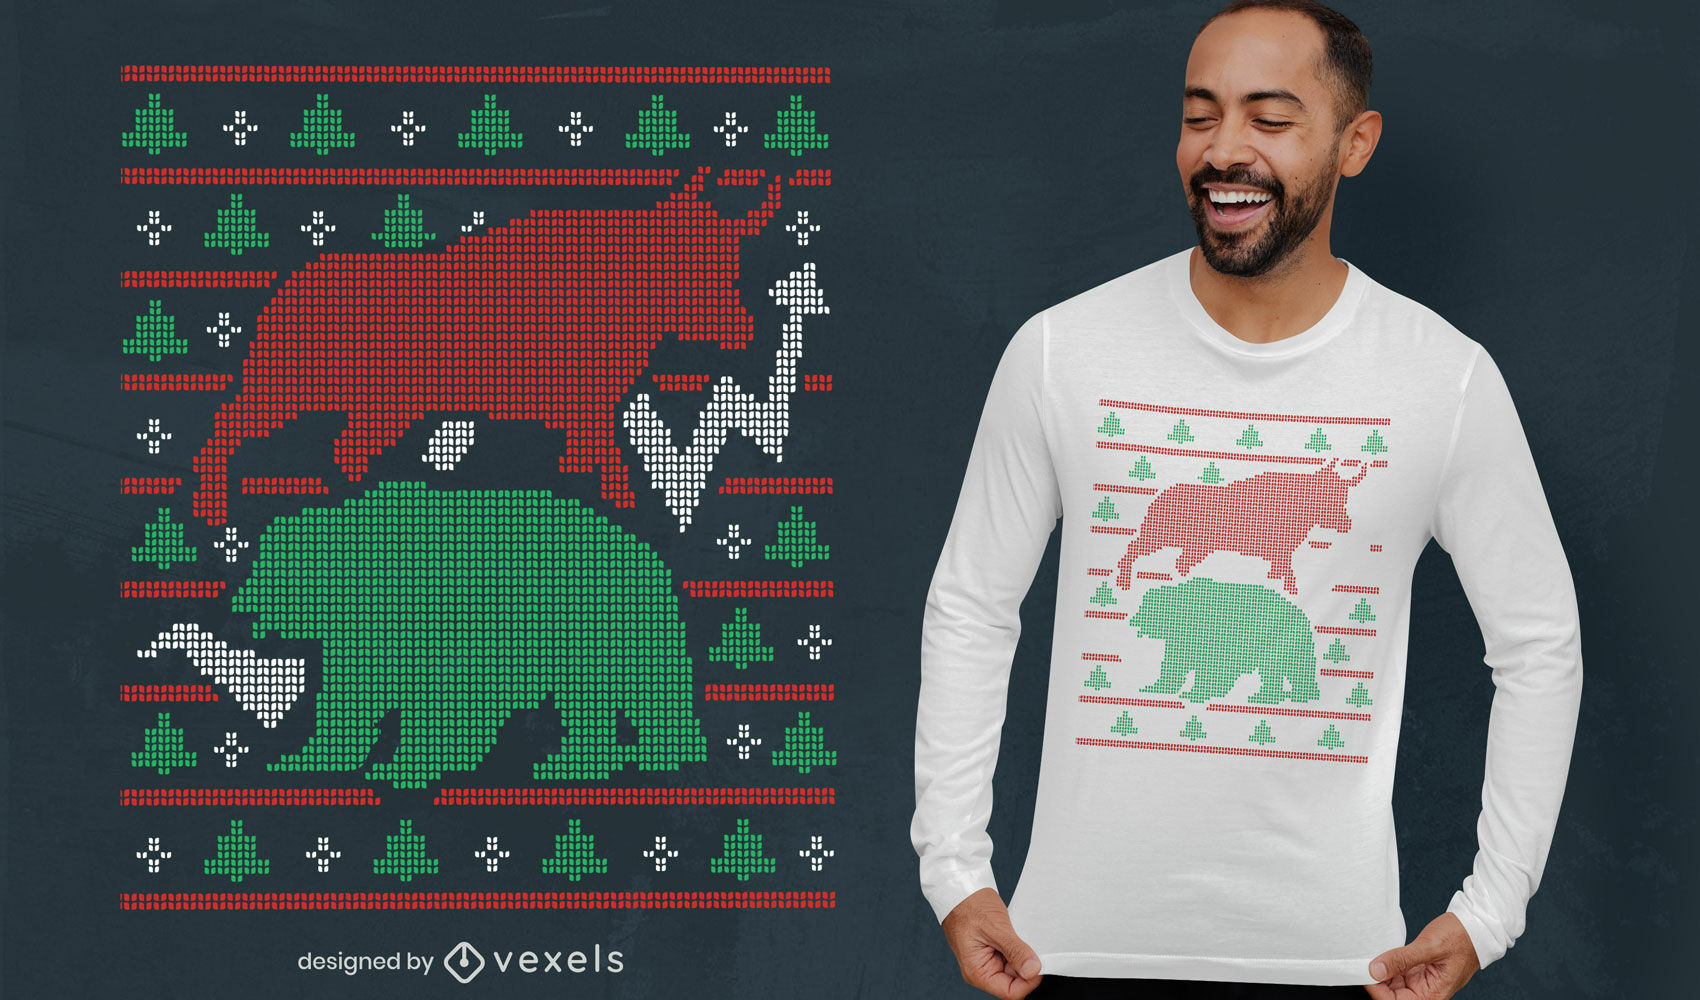 Animais do mercado de ações design de t-shirt de suéter feio